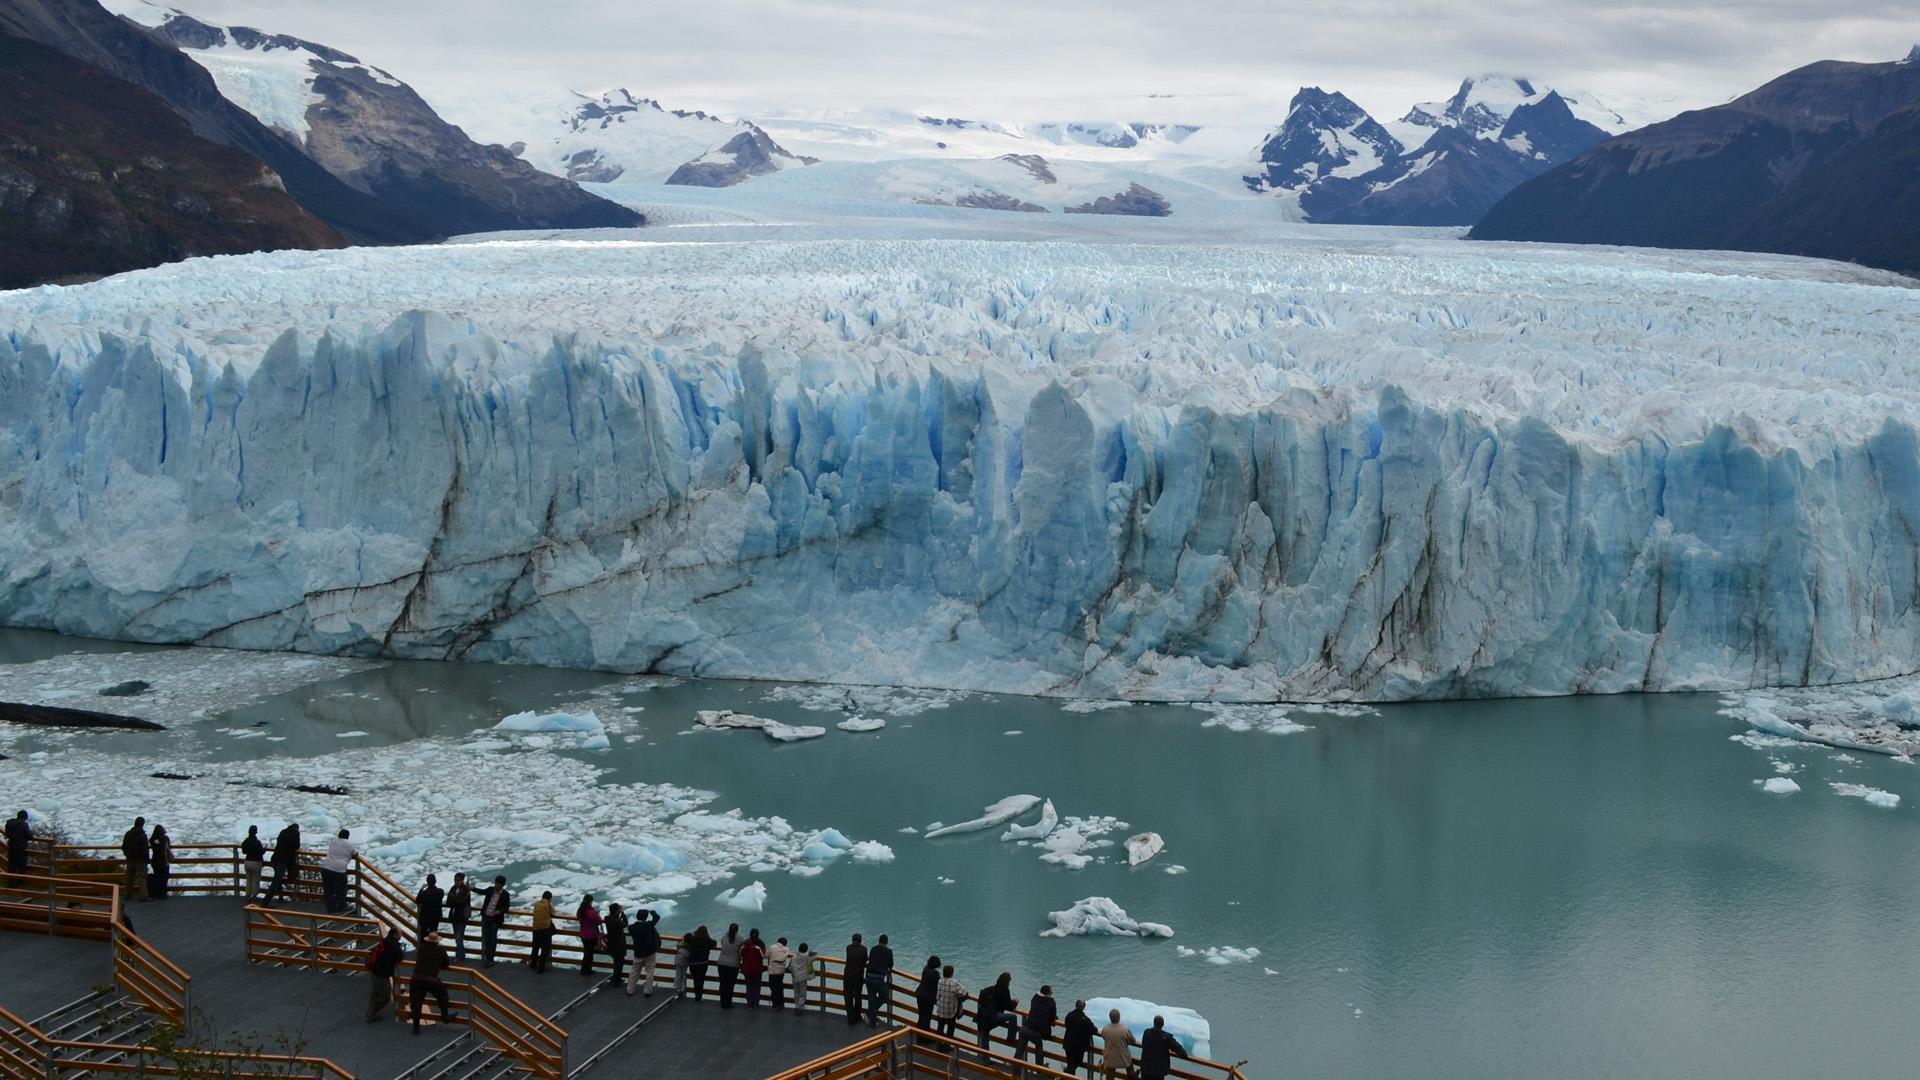 Están ubicados en cinco zonas de los Andes: desértica, central, del norte de la Patagonia, del sur de la Patagonia y de Tierra del Fuego e Islas del Atlántico Sur (Foto del Glaciar Perito Moreno)